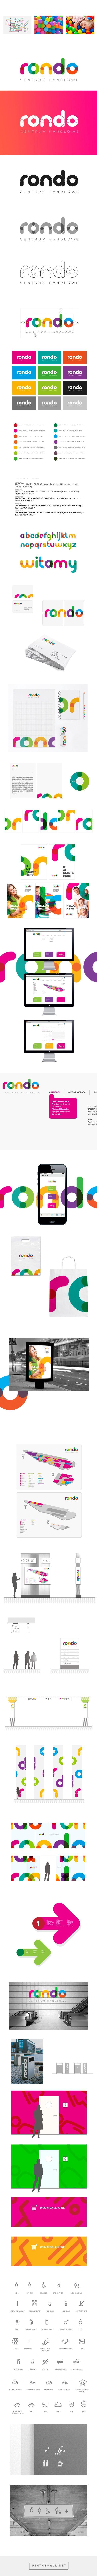 shopping mall RONDO re-branding on Behance   Fivestar Branding – Design and Branding Agency & Inspiration Gallery